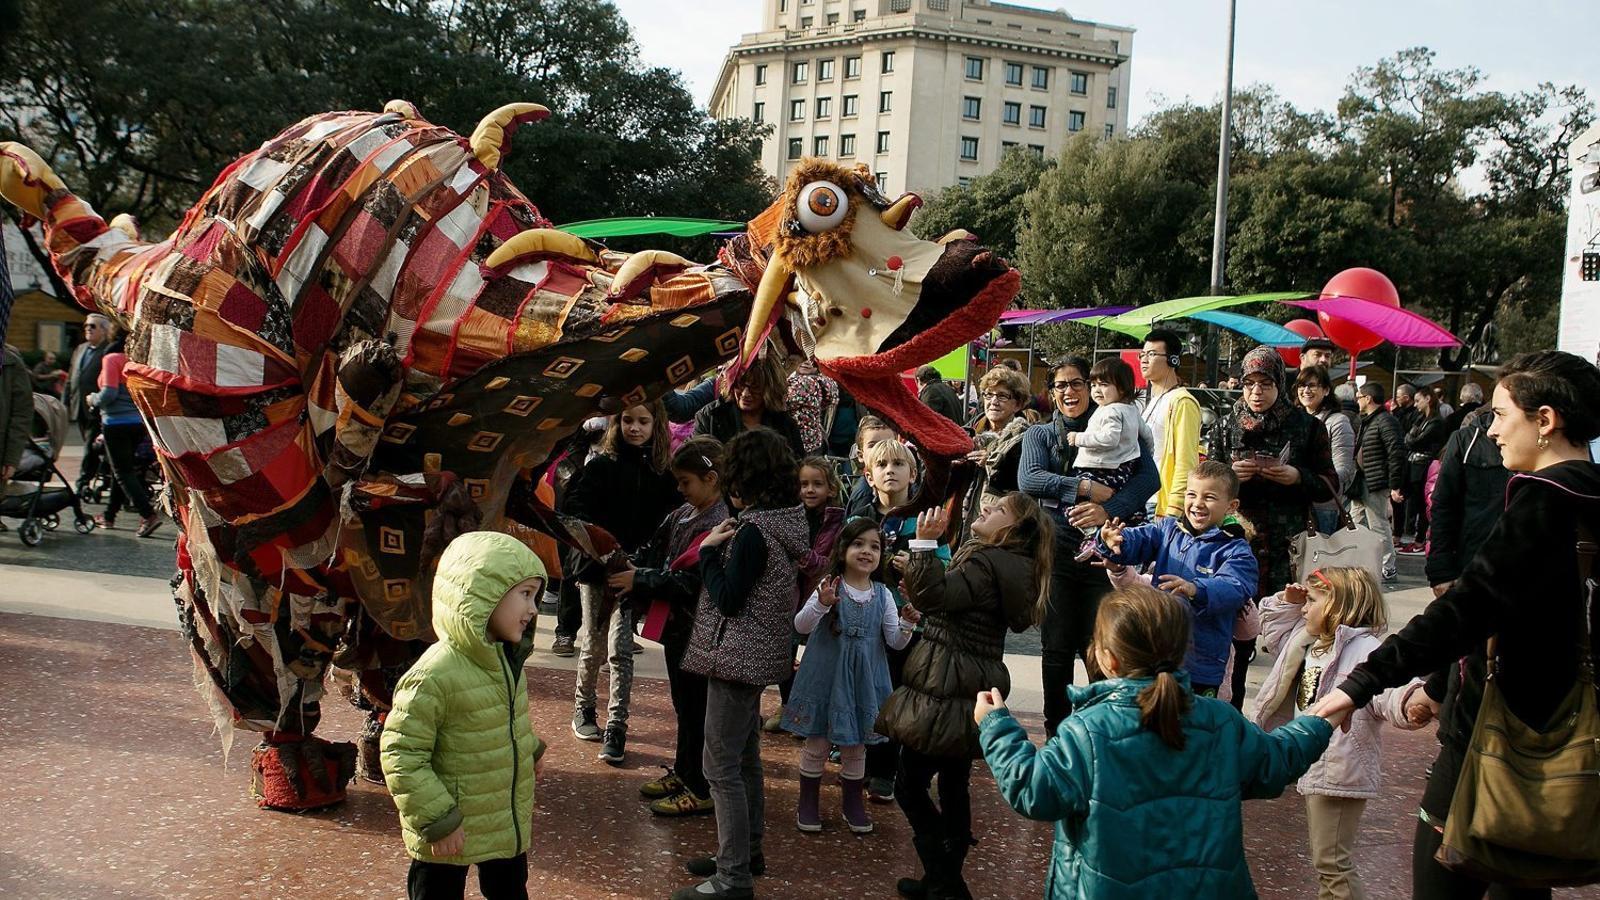 Activitats infantils i espectacles d'animació substitueixen la pista de gel que des del 2011 hi havia instal·lada  a la plaça Catalunya de Barcelona per Nadal.